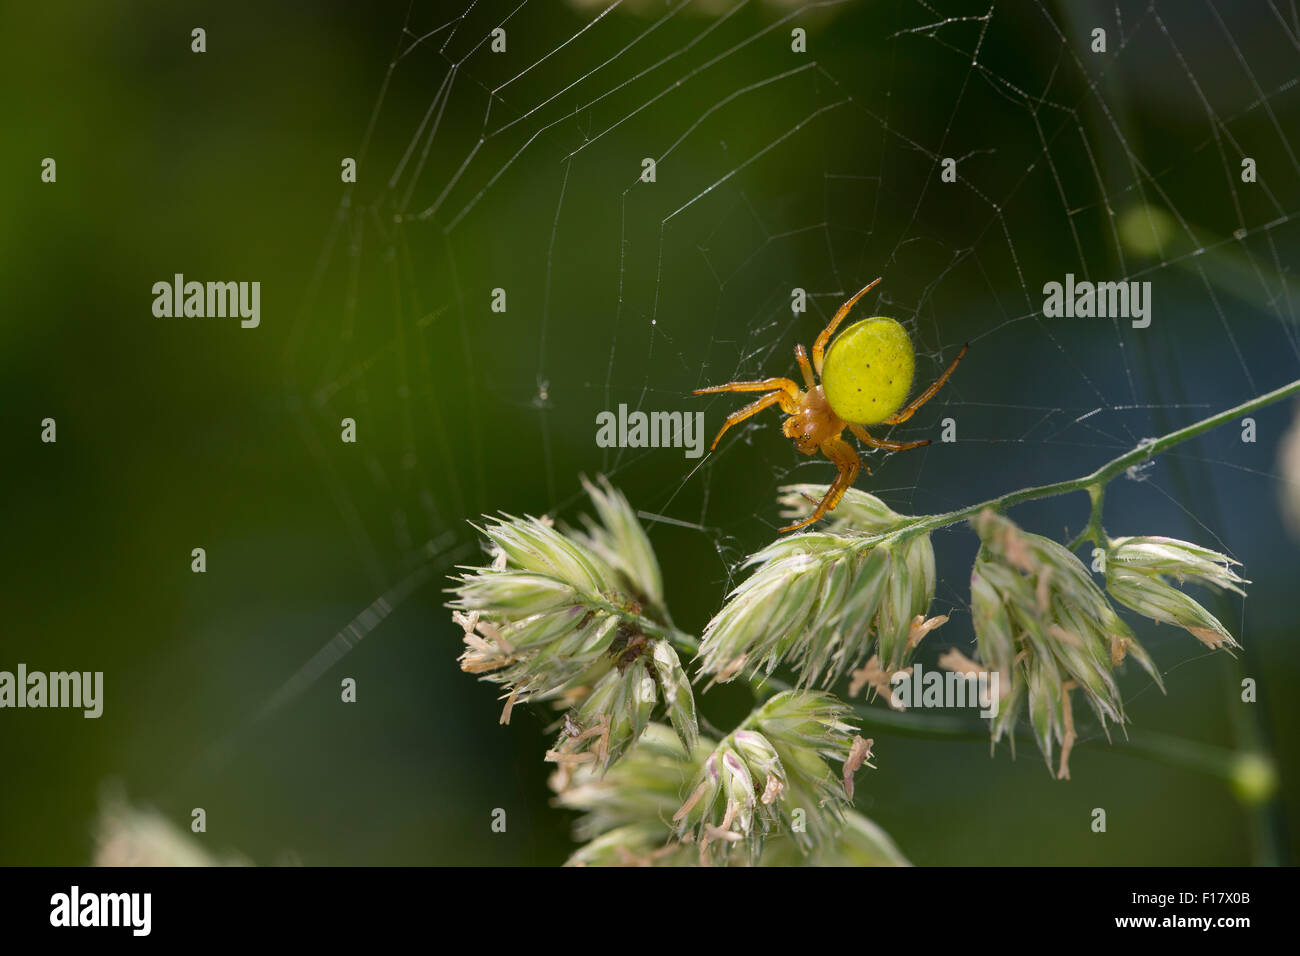 Gourd spider, pumpkin spider, Kürbisspinne, Kürbis-Spinne, Araniella cucurbitina oder Araniella opistographa - Stock Image